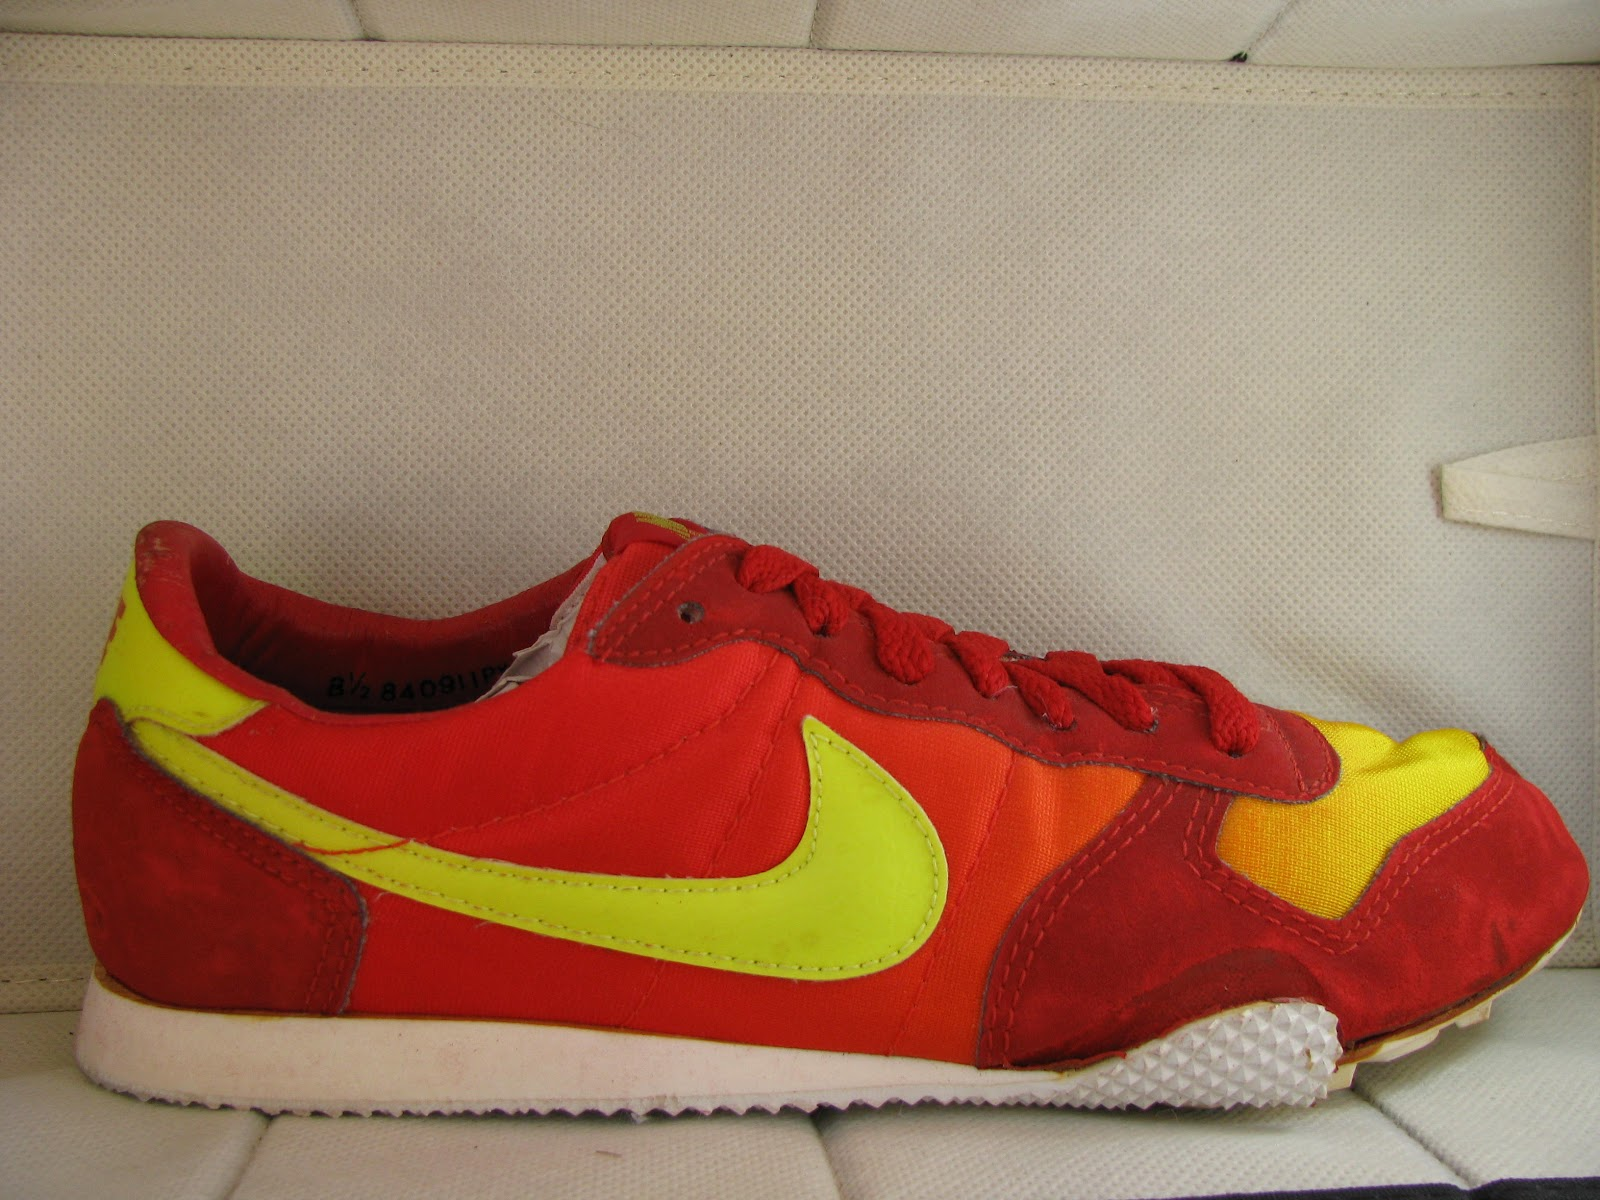 super popular cf748 94ca5 ... Nike Flame Mulyr cff880e 1984 78d75ce8 ...